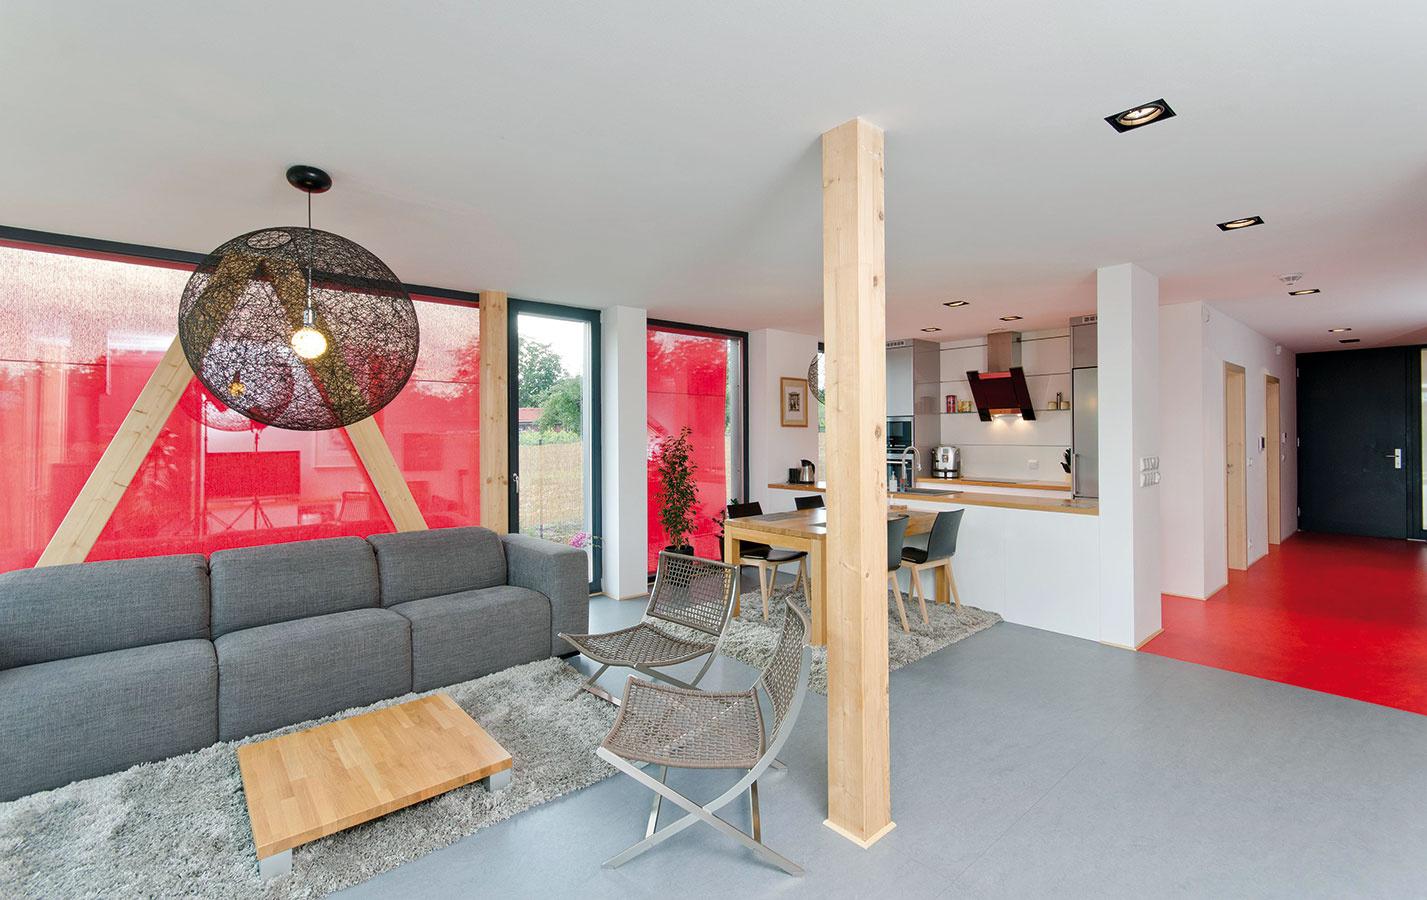 Pôsobivé kontrasty. Interiér je zariadený prevažne v jemných neutrálnych tónoch, s ktorými výrazne kontrastuje niekoľko jasne červených prvkov. Neutrálny základ, ktorý dáva vyniknúť ostatnému zariadeniu, vytvára sivá podlaha z prírodného linolea, teplá a mäkká na dotyk, a priznané konštrukčné drevo.